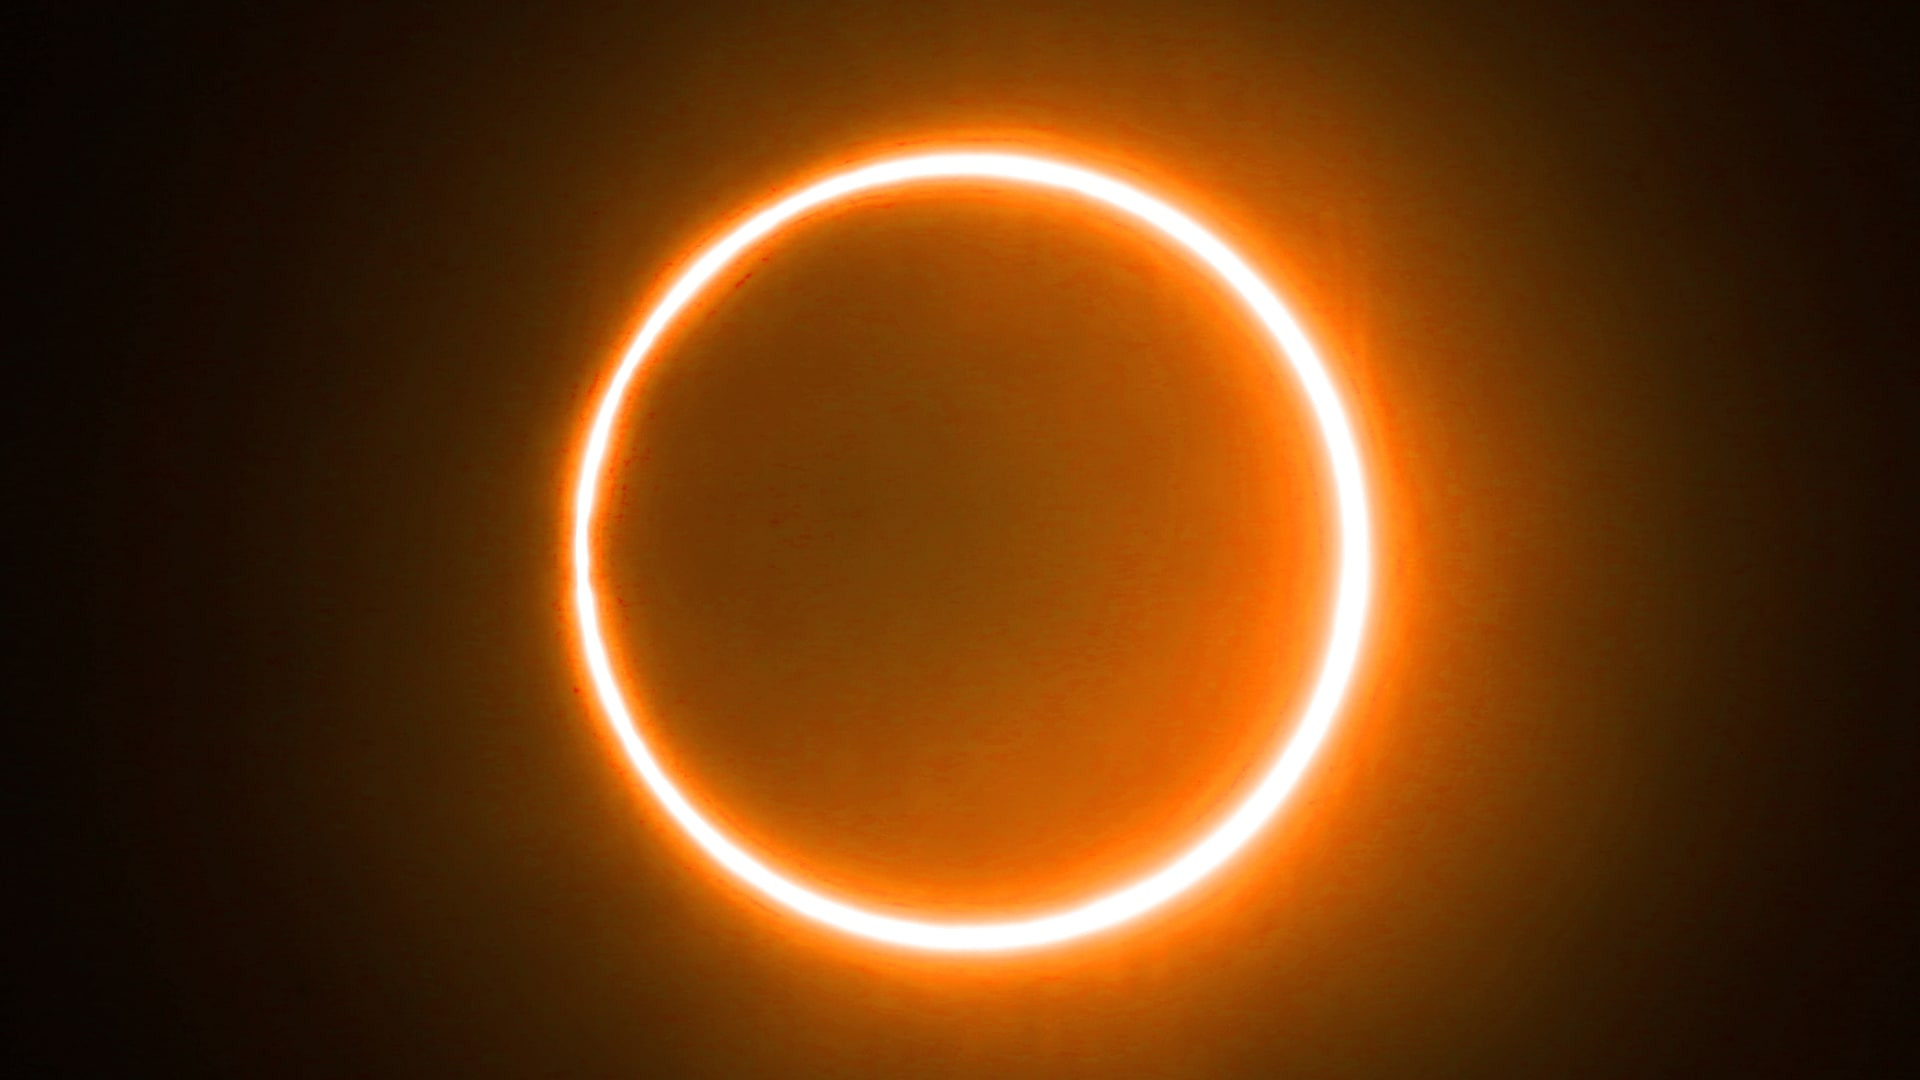 """كسوف الشمس سيضيئ """"حلقة من النار"""" بالسماء هذا الخميس"""